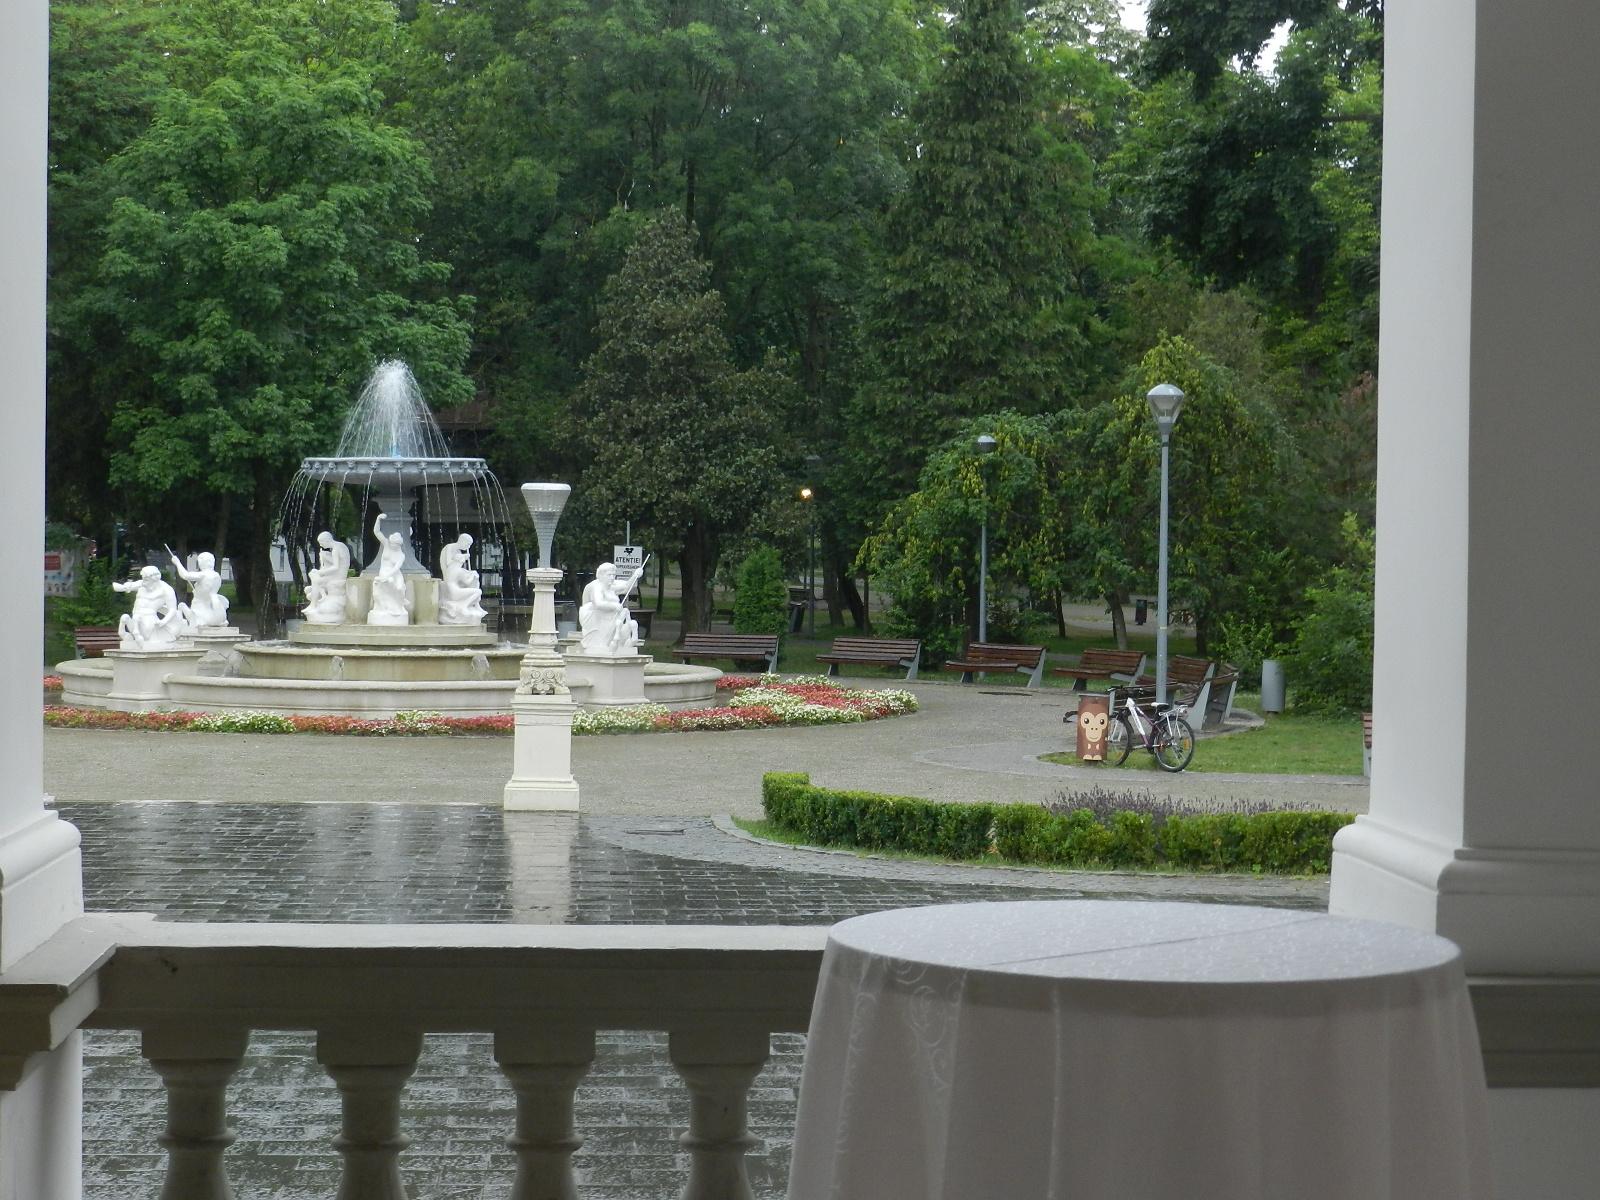 """PREMIERĂ: Piesa """"Lacul Lebedelor"""" va fi pusă în scenă în Parcul Central, în această vară"""